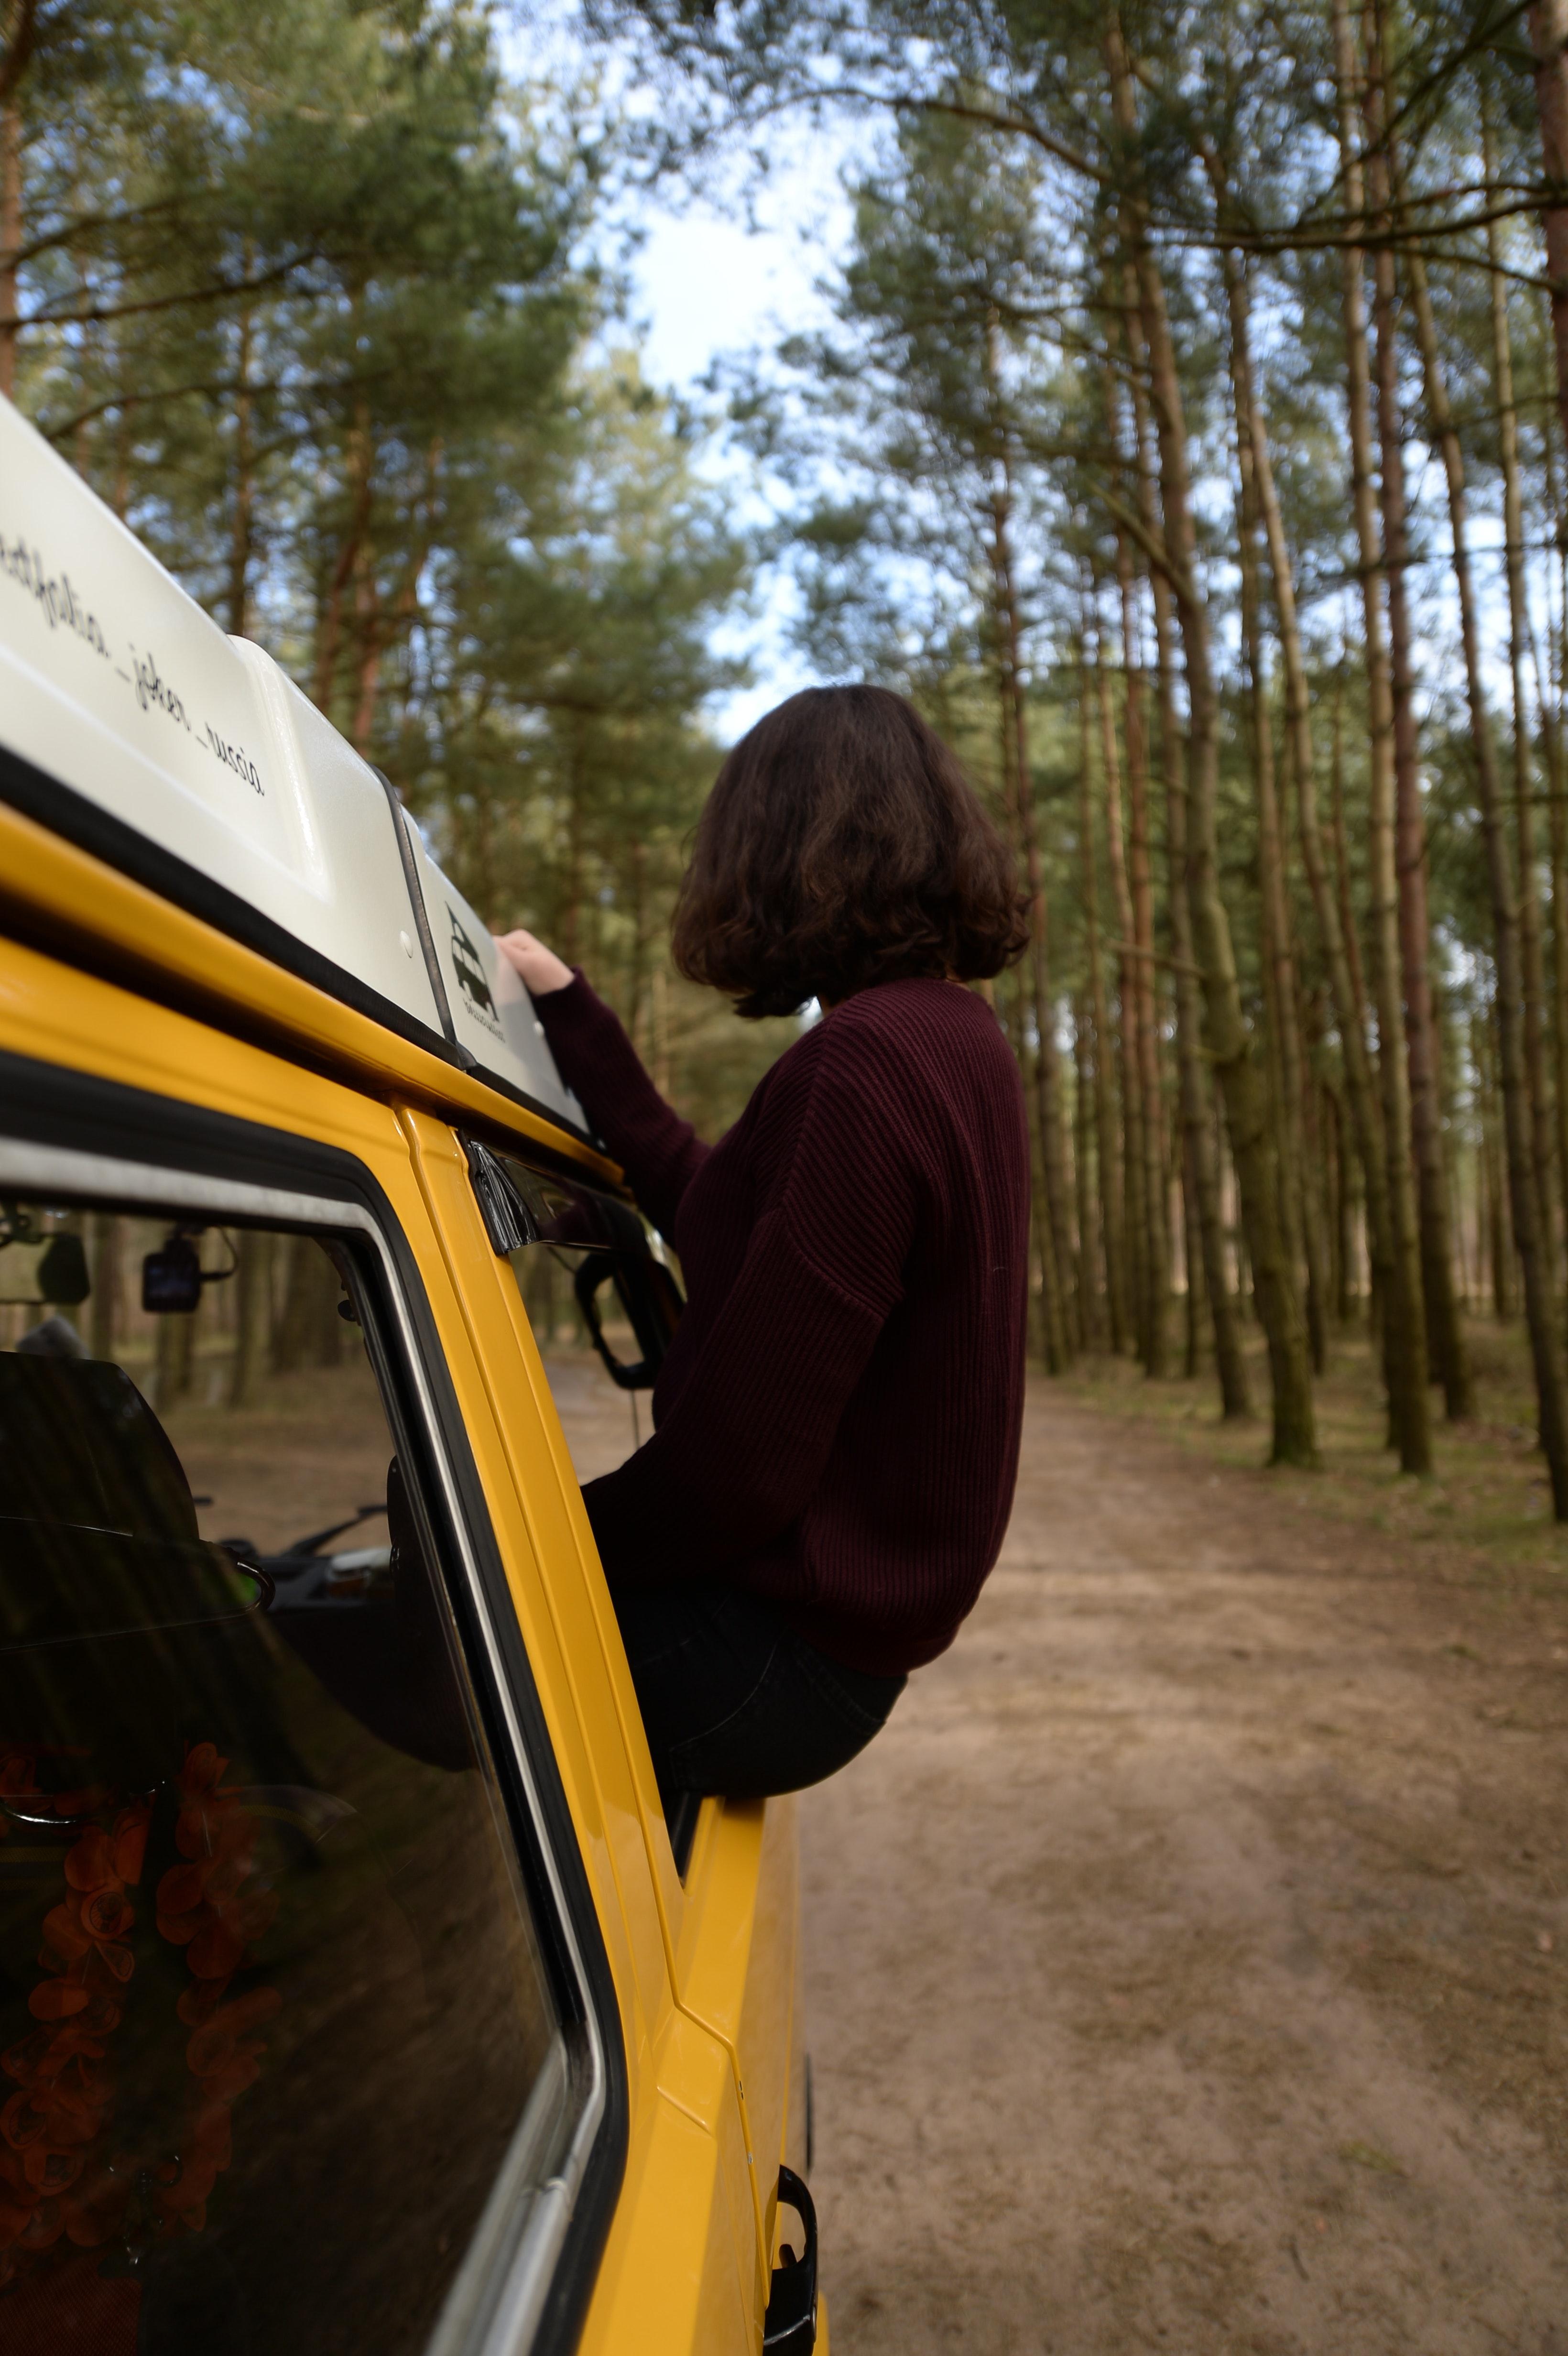 Utazás, akár minden nap | Cég & Brand